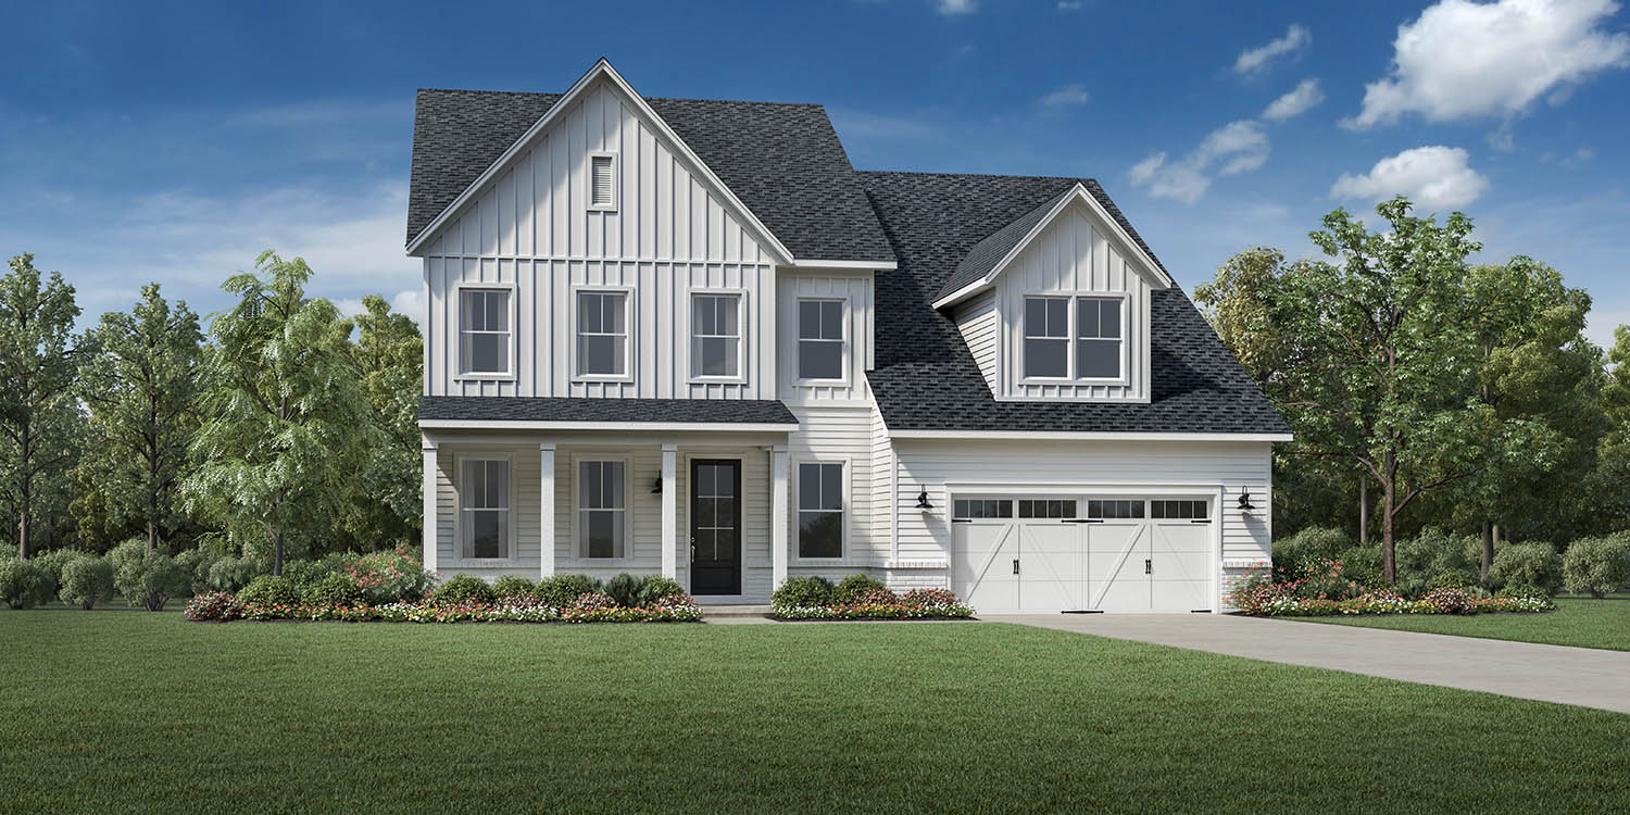 Wynn - Modern Farmhouse